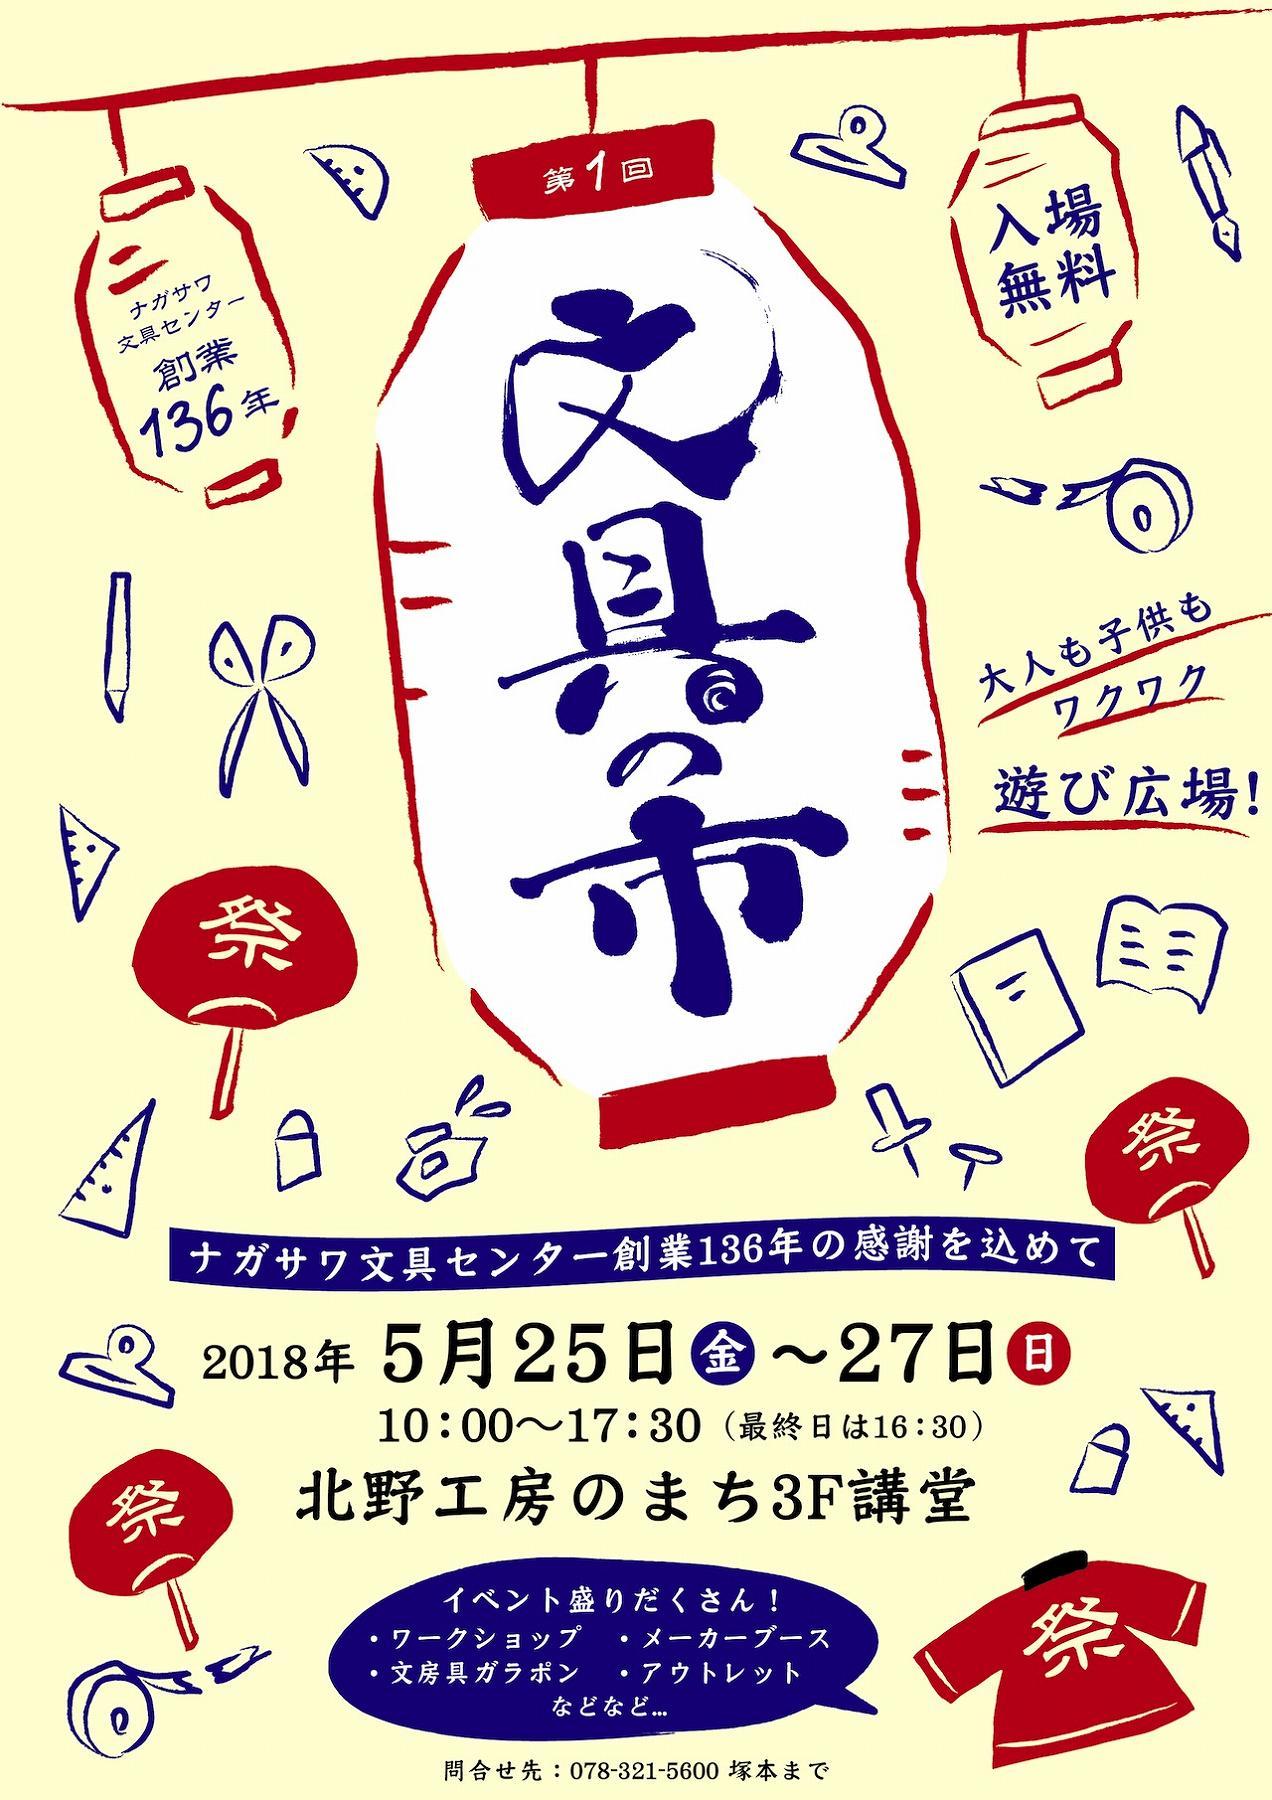 「第1回 文具の市」が5/25~5/27に北野工房のまちで開催されるよ! #北野工房のまち #ナガサワ文具センター #神戸観光